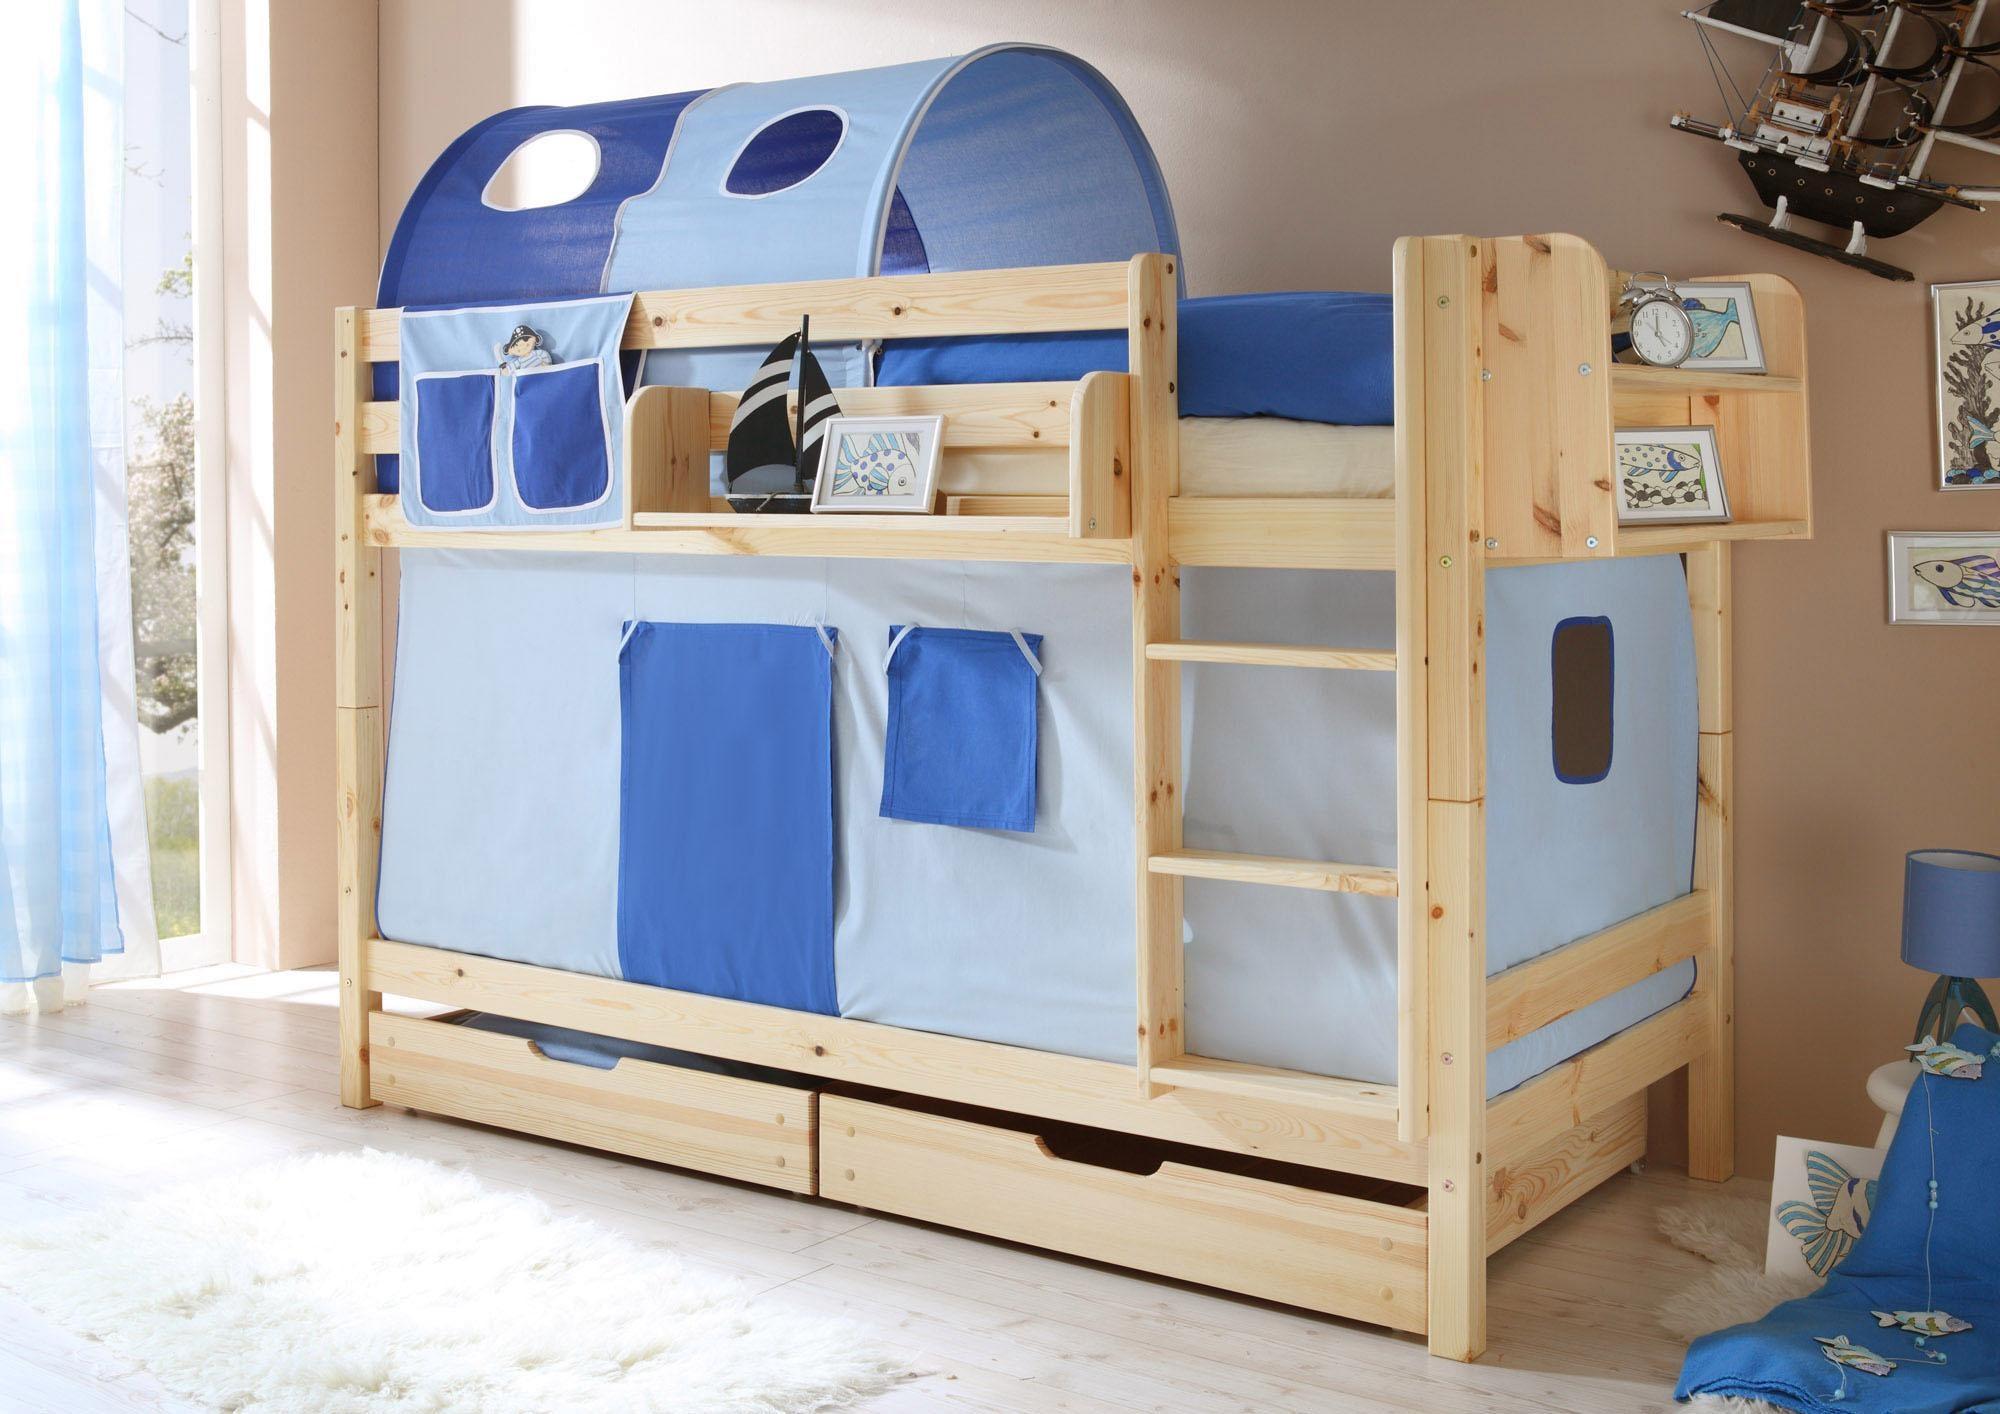 Etagenbett Metall Sconto : Sconto etagenbetten online kaufen möbel suchmaschine